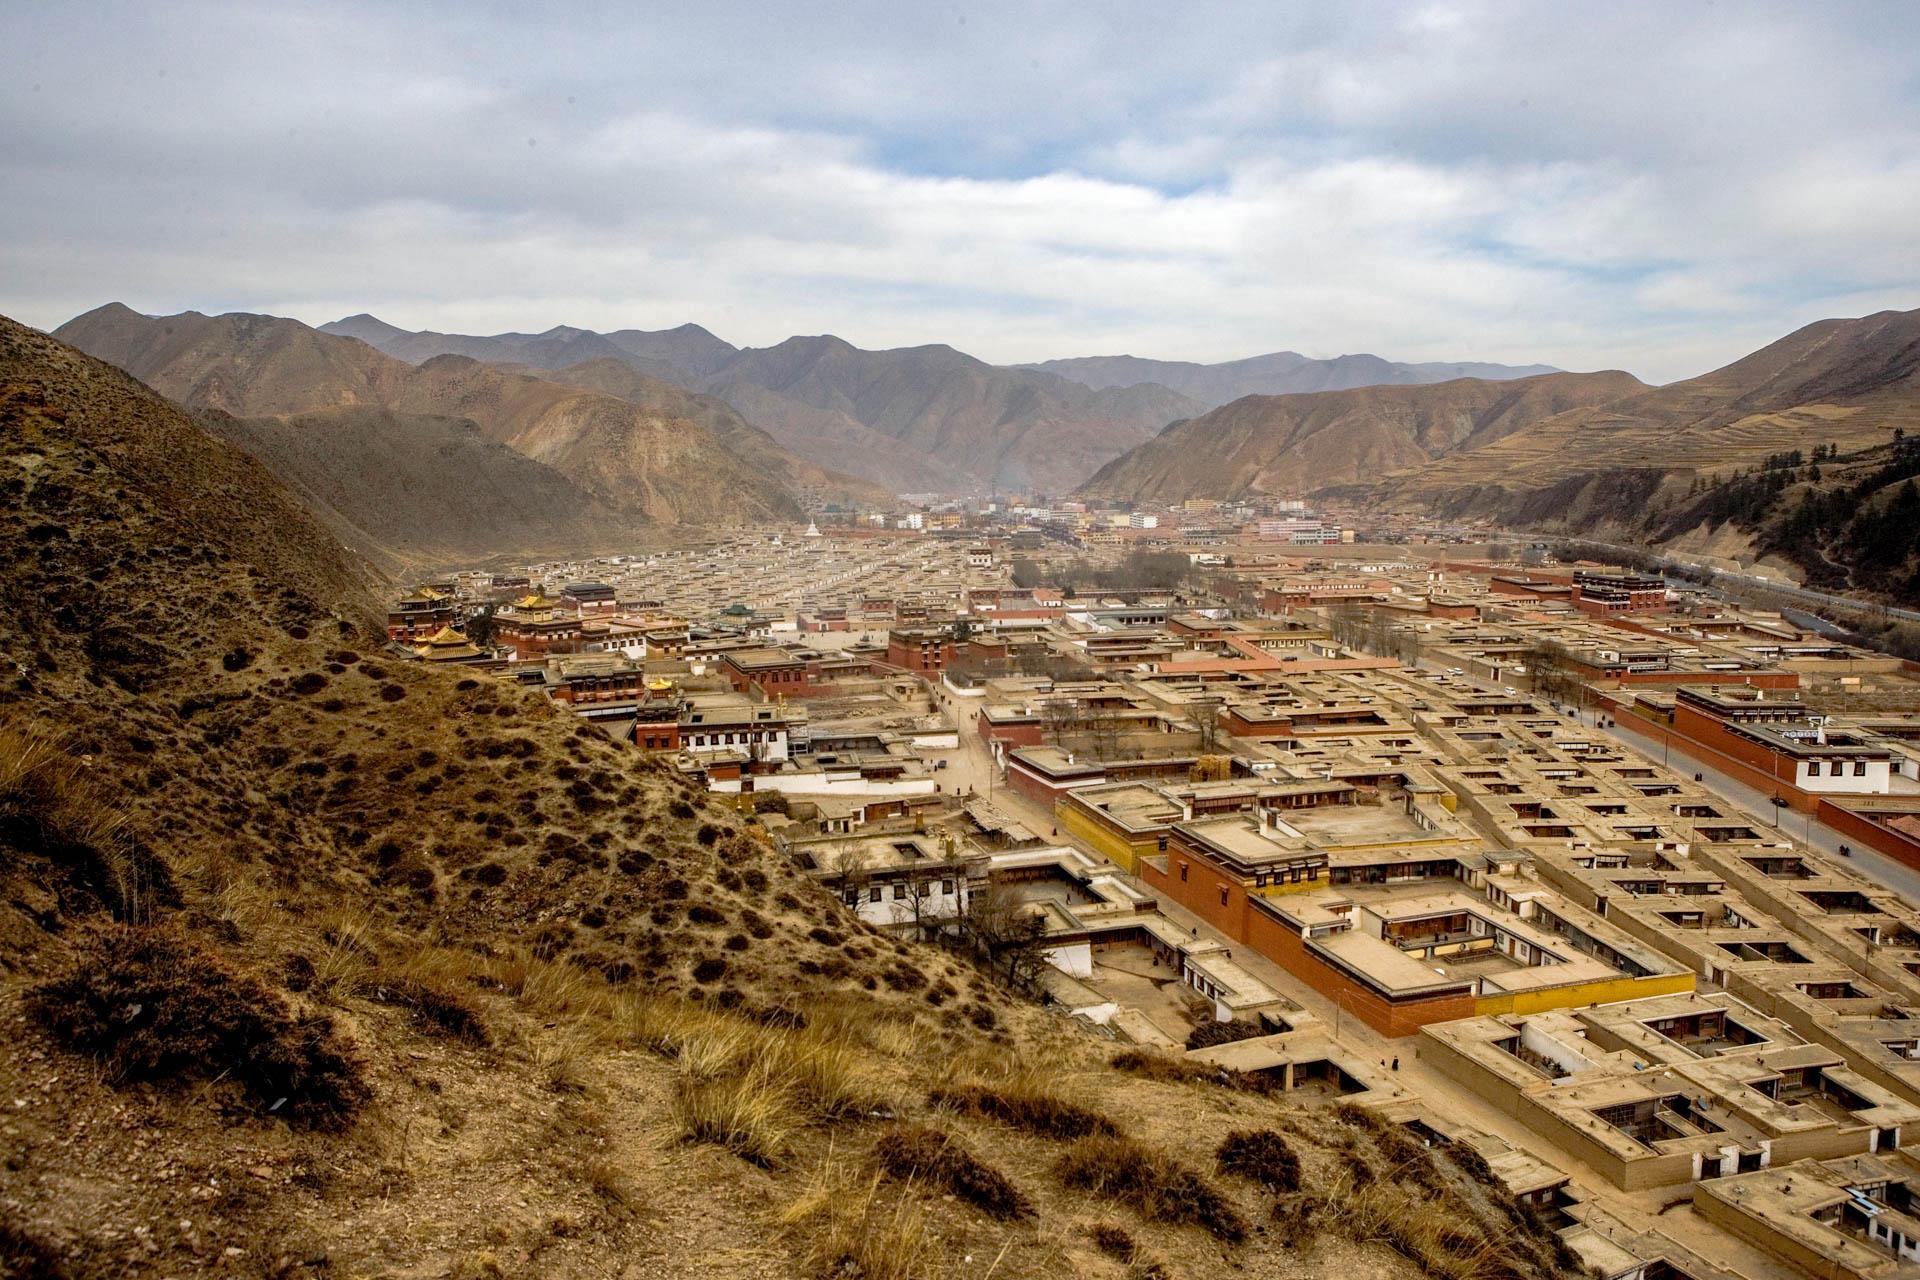 Xiahe, China - 12 February 2006View of Xiahe and Labrang Monastery. © GIANNI GIANSANTI